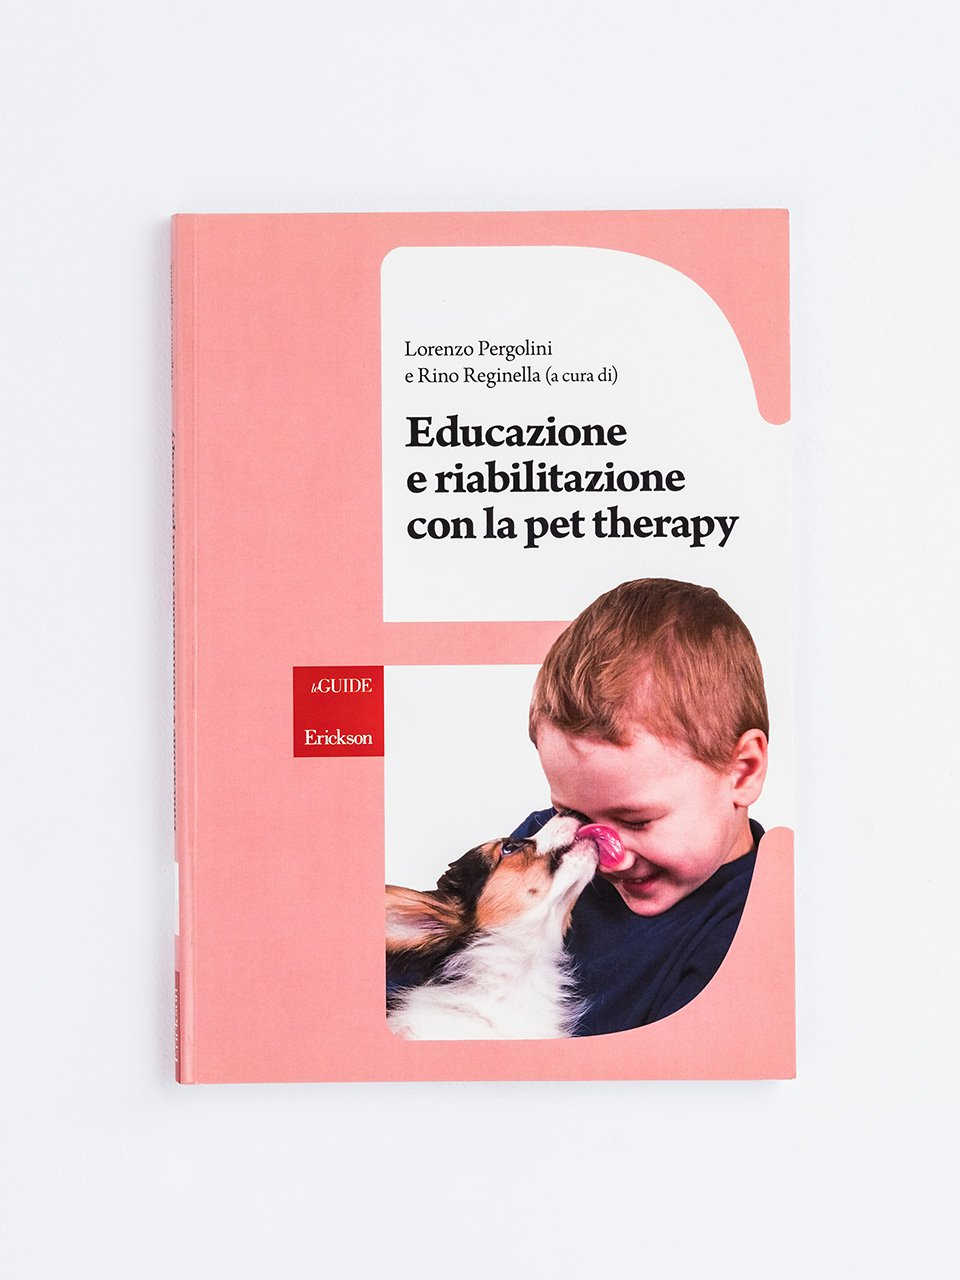 Educazione e riabilitazione con la pet therapy - Terapista della Neuro e Psicomotricità dell'Età Evolutiva - Erickson